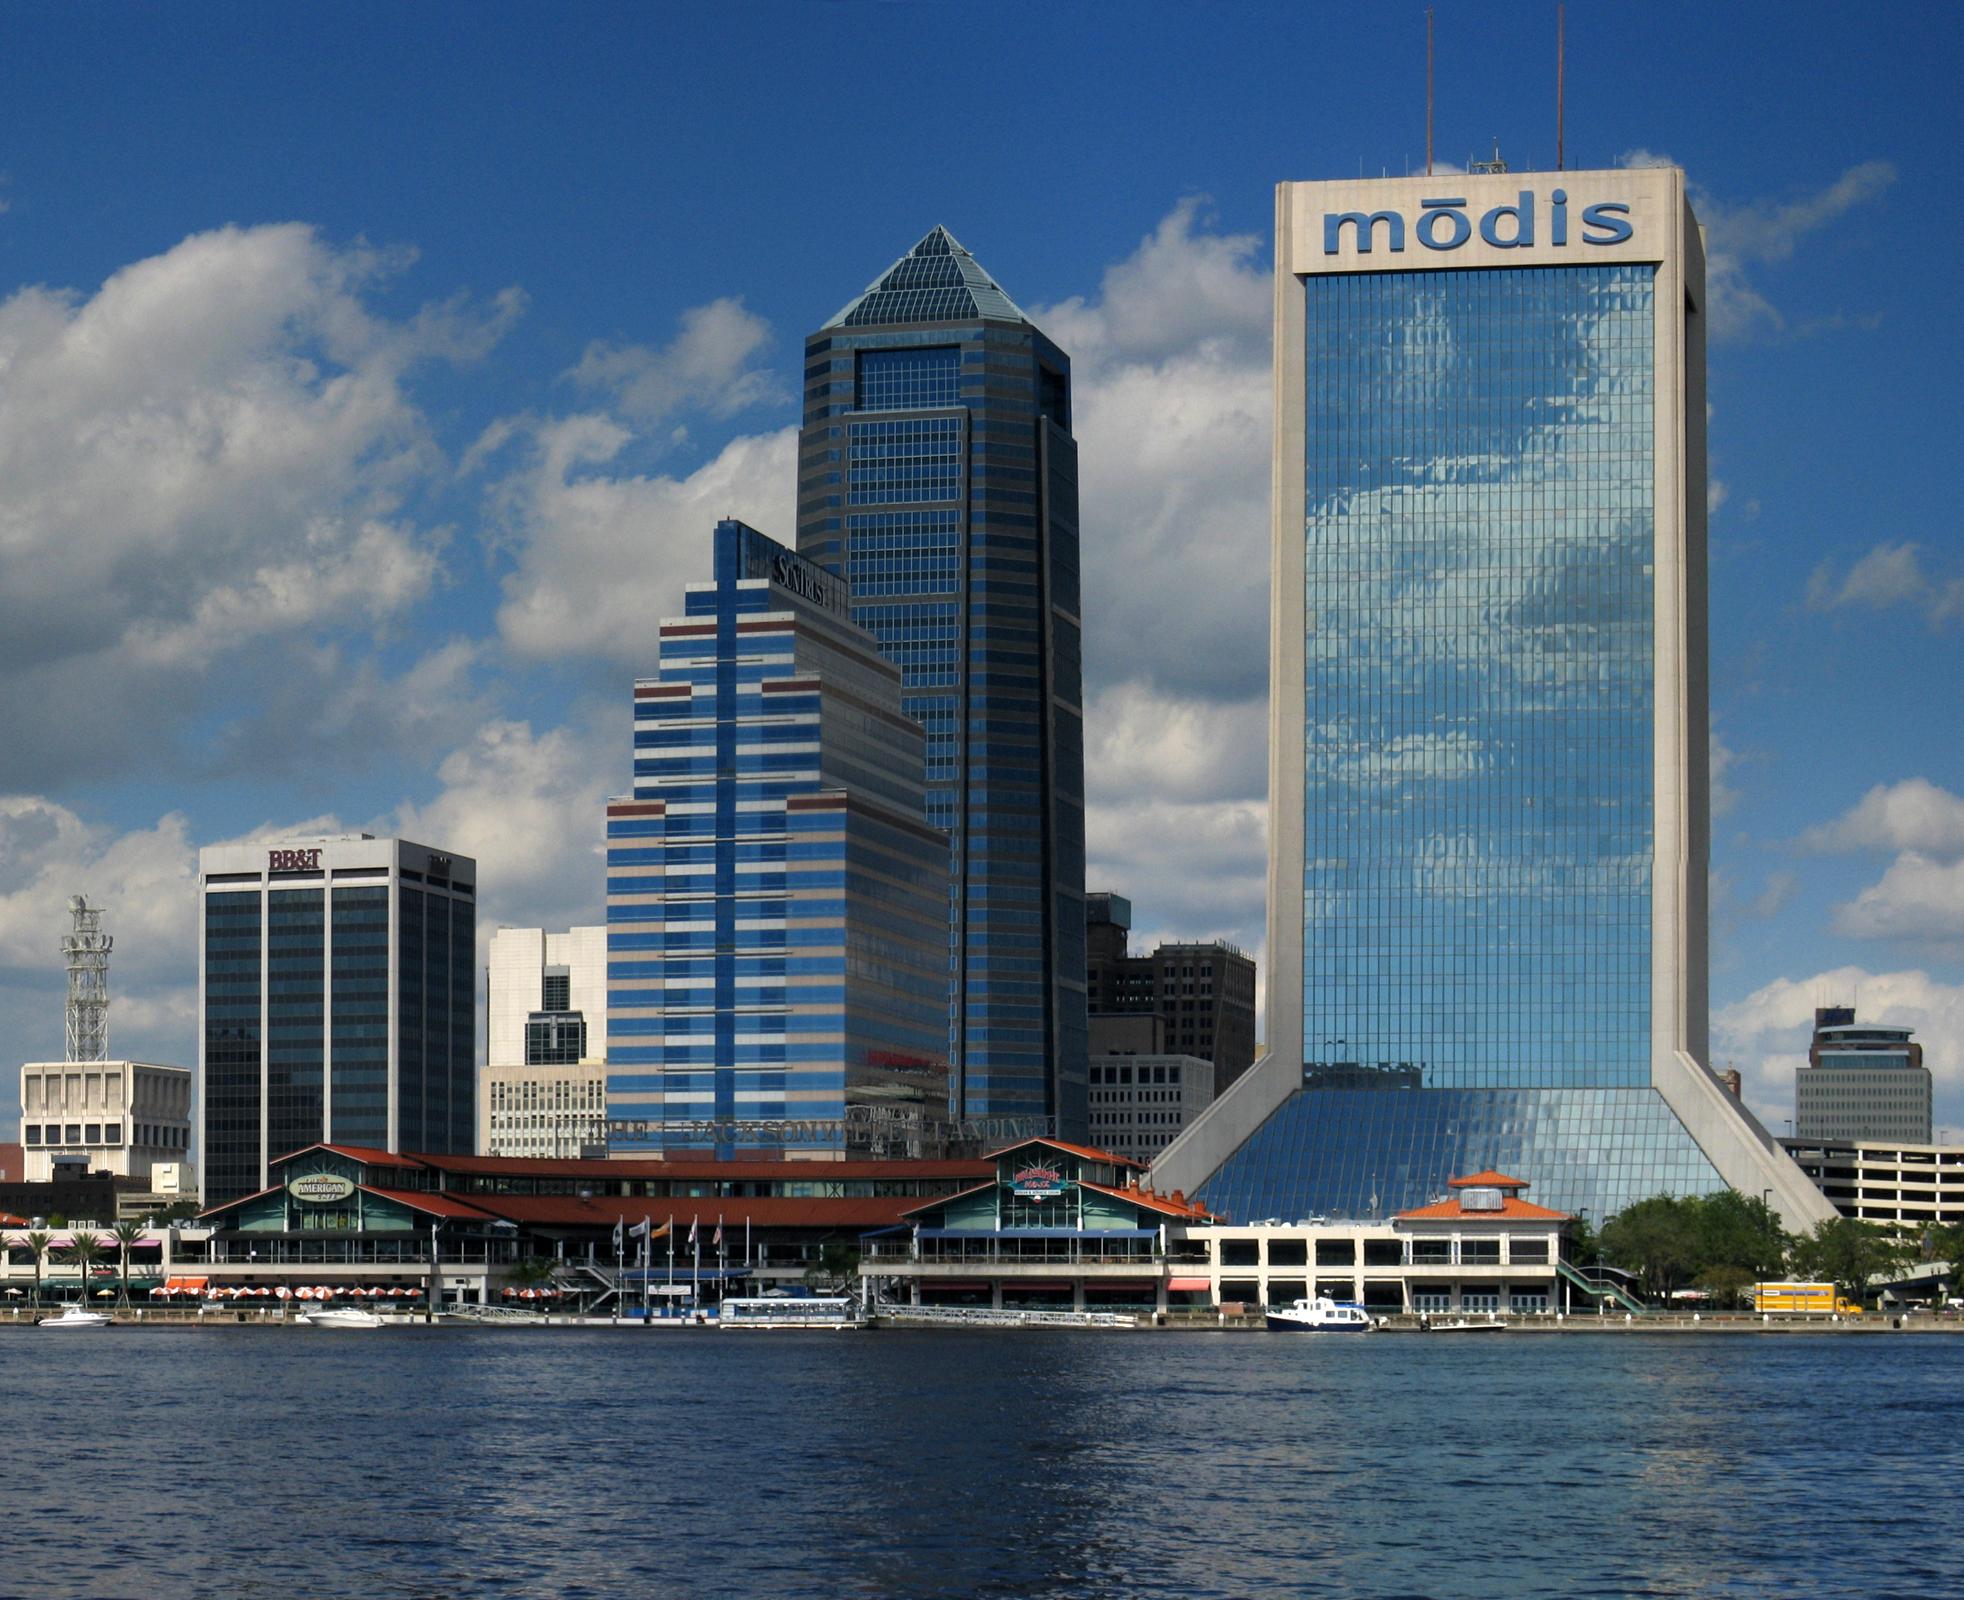 Image-Jacksonville Skyline Panorama 2.jpg